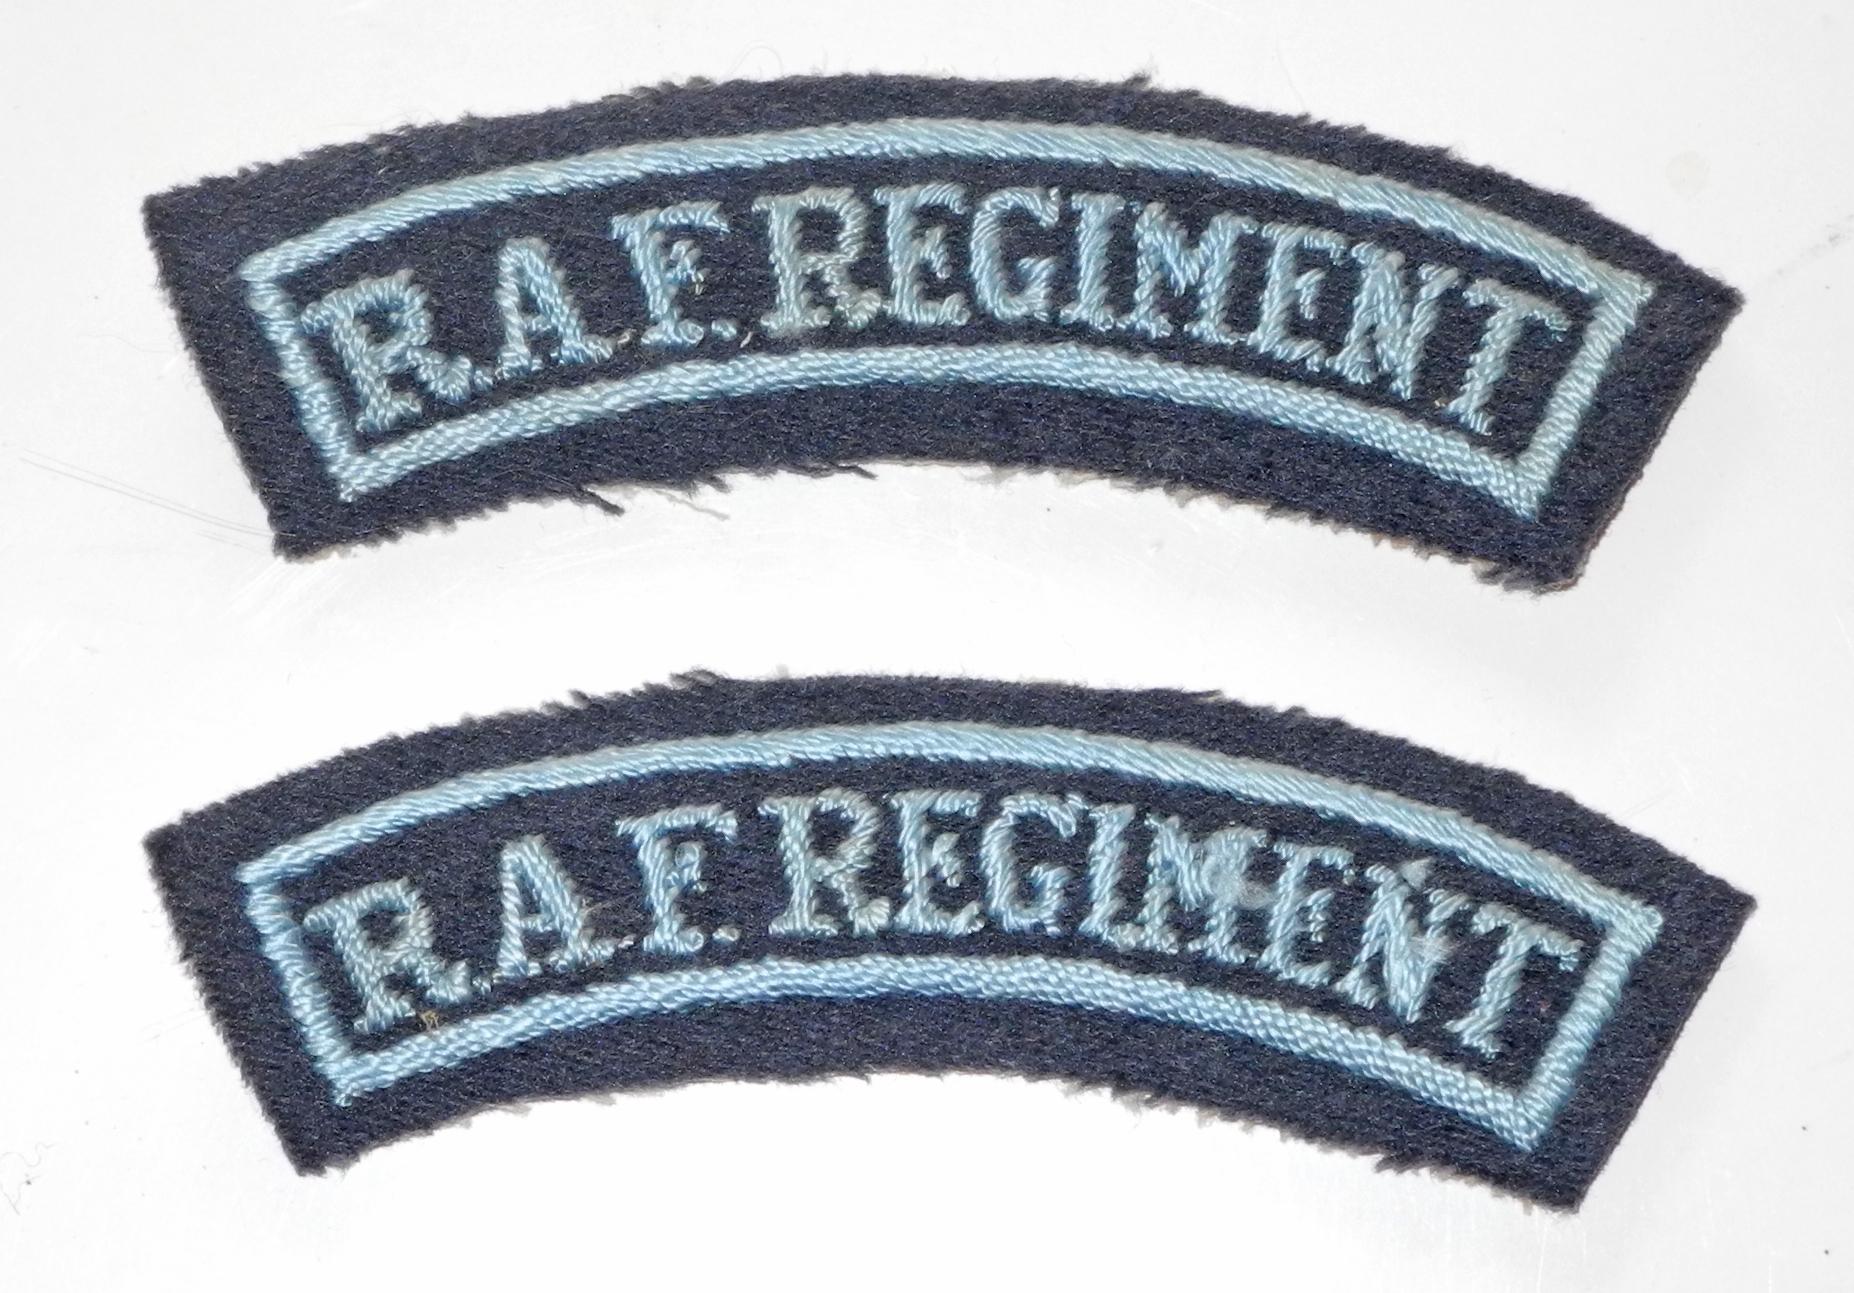 WWII RAF Regiment shoulder titles